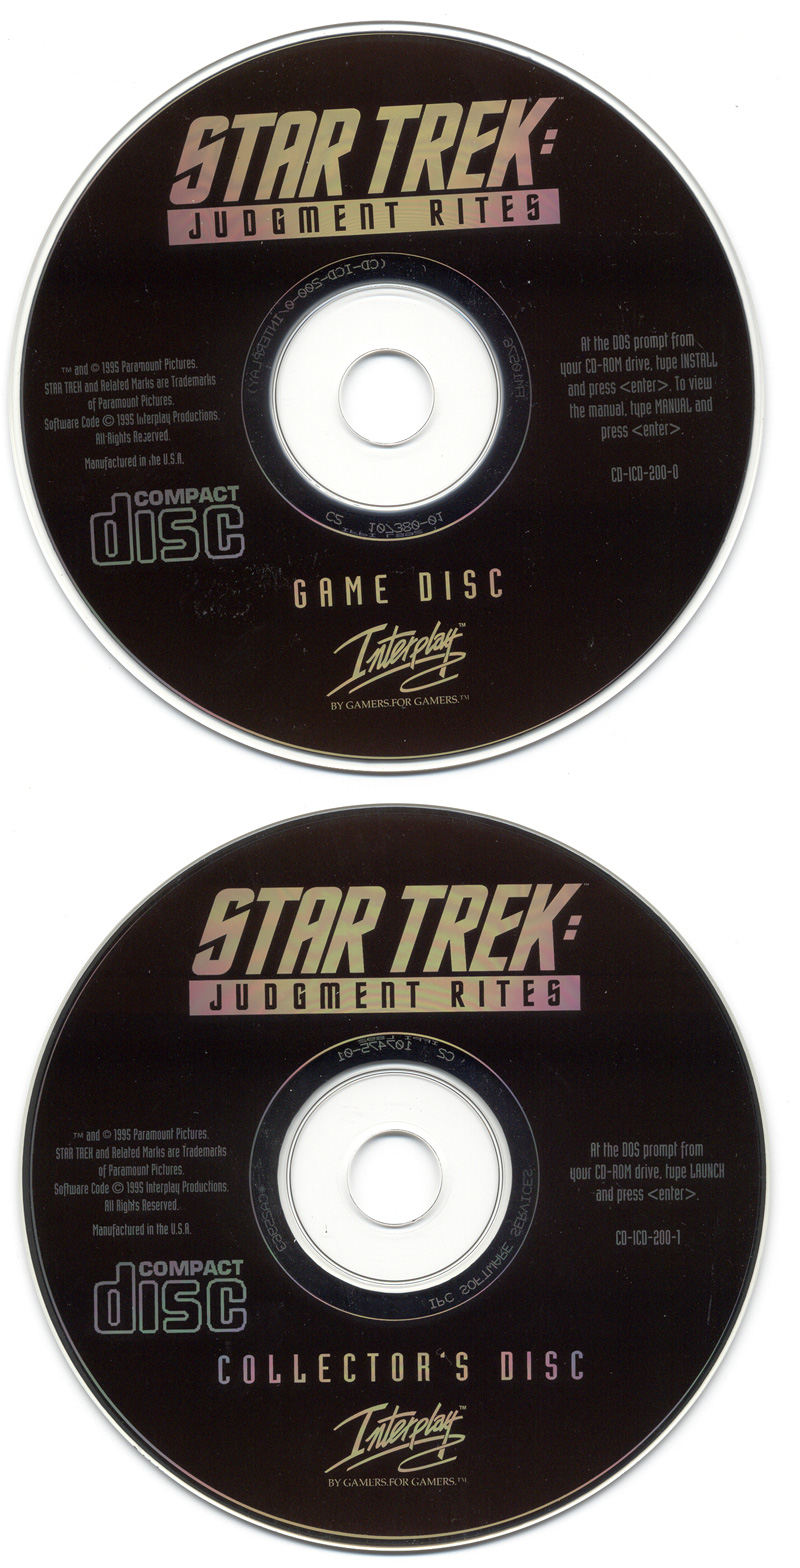 www.star games